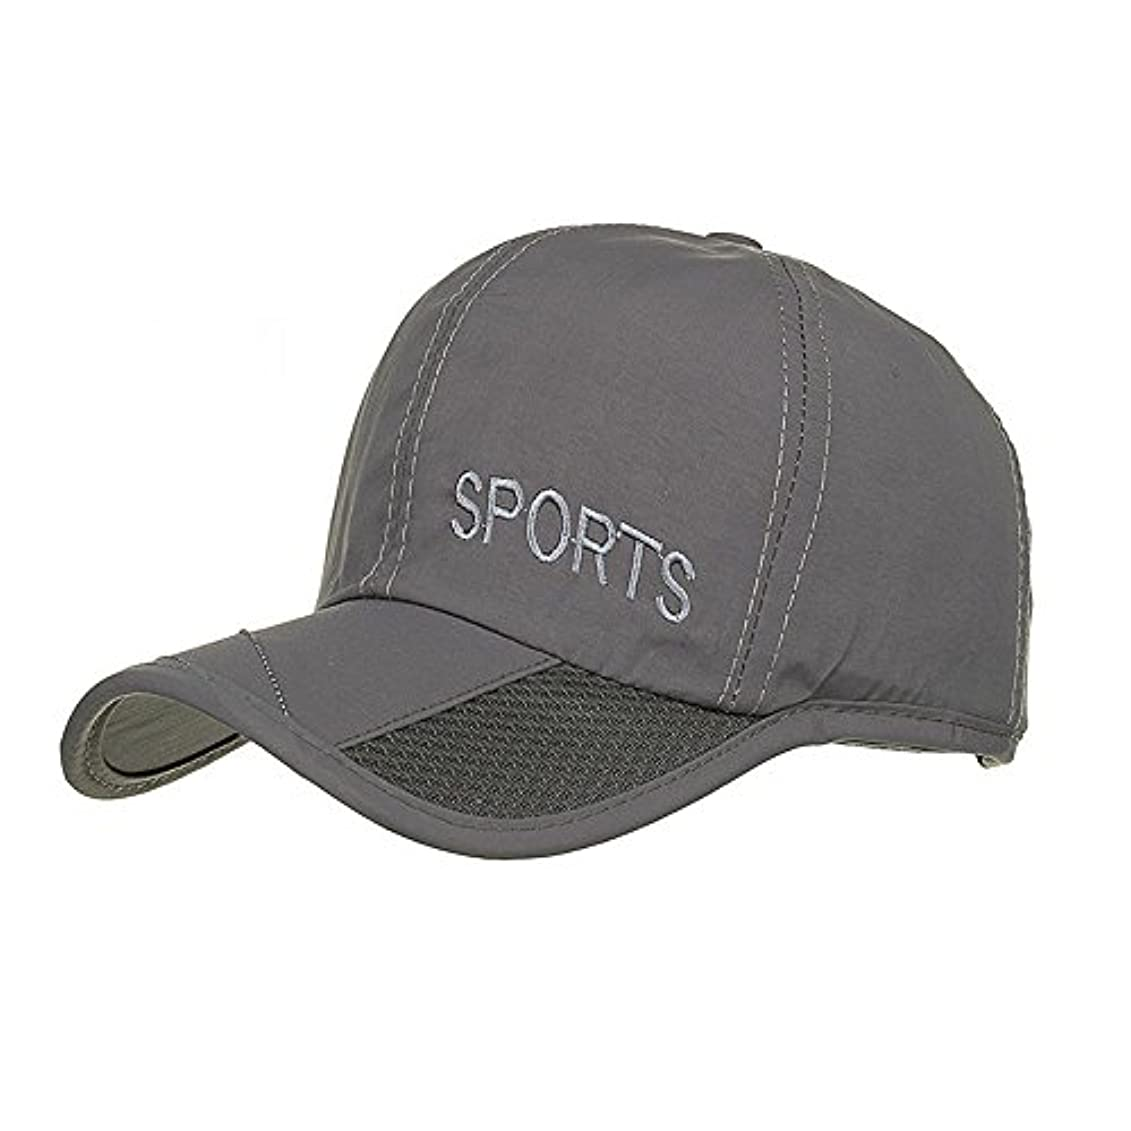 詳細に無法者マダムRacazing Cap 男女兼用 野球帽 夏 登山 通気性のある メッシュ 帽子 ベルクロ 可調整可能 刺繍 棒球帽 UV 帽子 軽量 屋外 Unisex Hat (グレー)